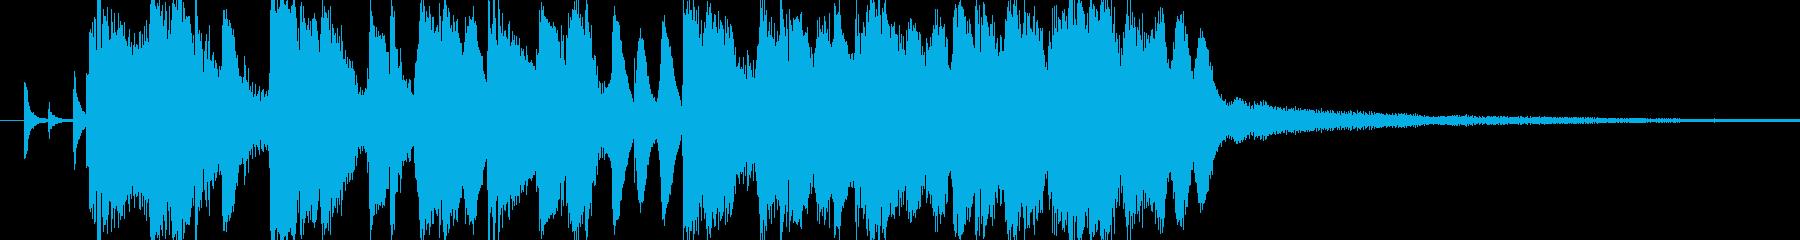 軽快で爽やかなボサノヴァ・ジングル、ロゴの再生済みの波形